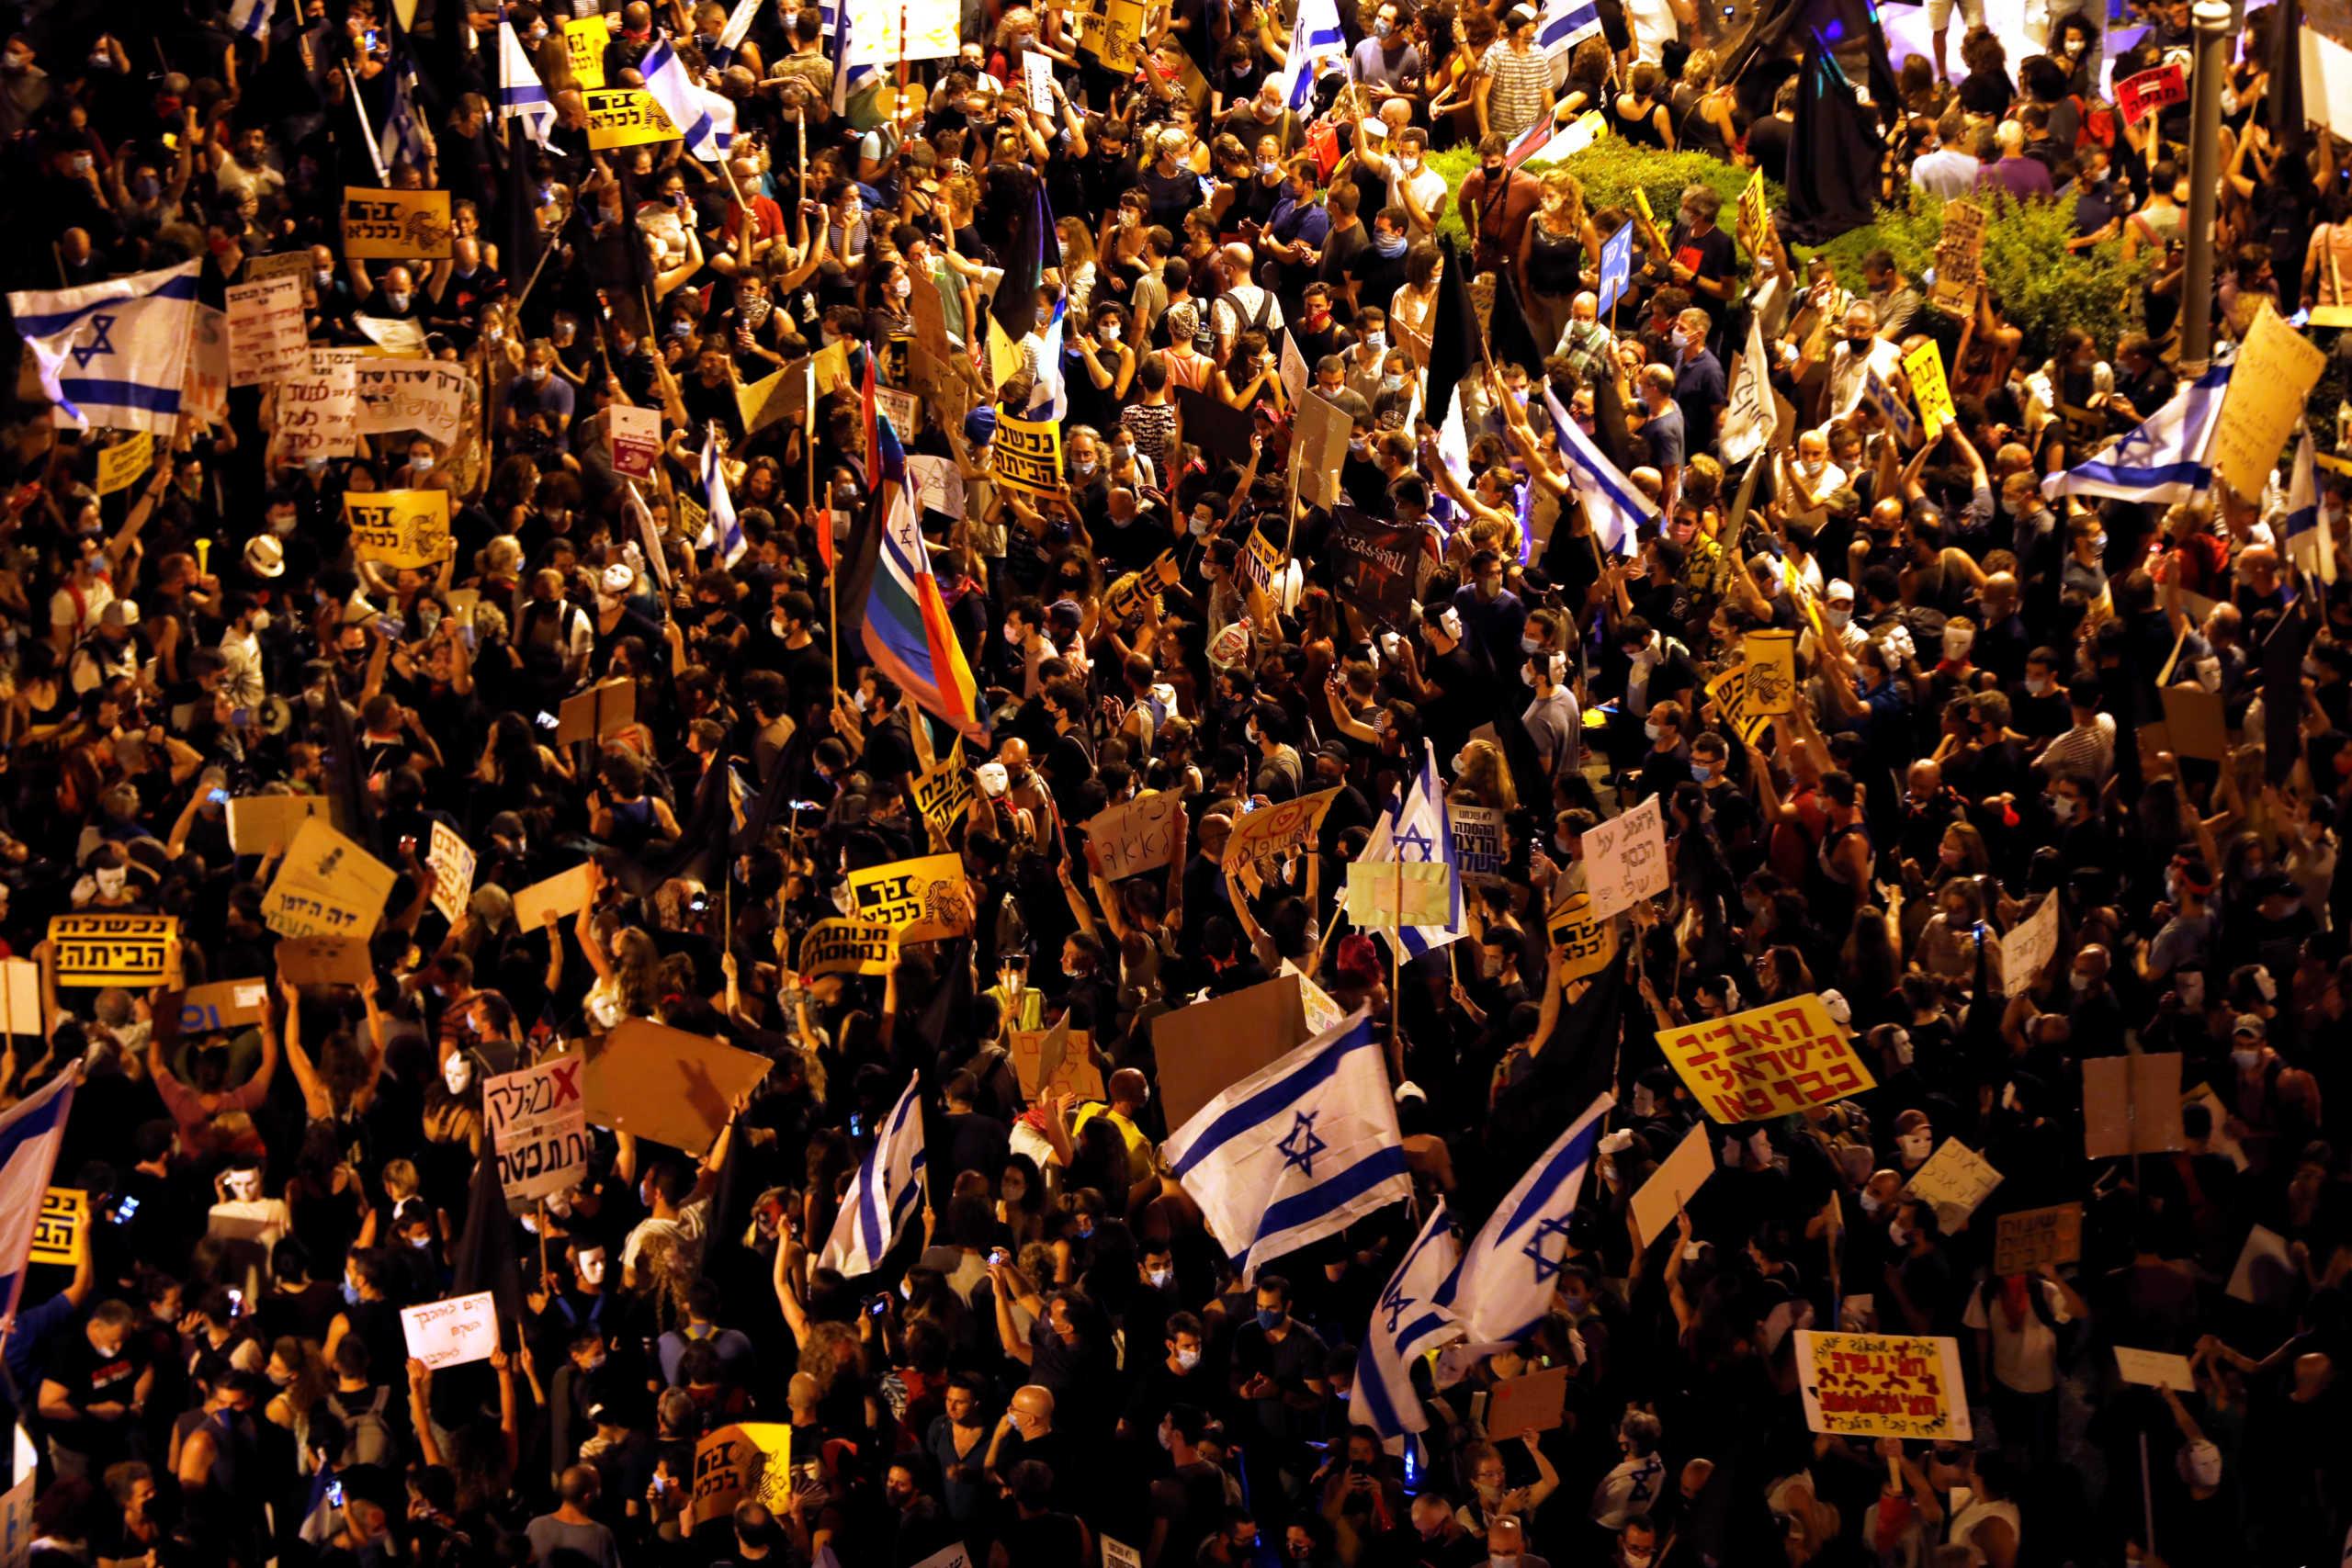 Ισραήλ: Χιλιάδες άνθρωποι στους δρόμους κατά του πρωθυπουργού Νετανιάχου